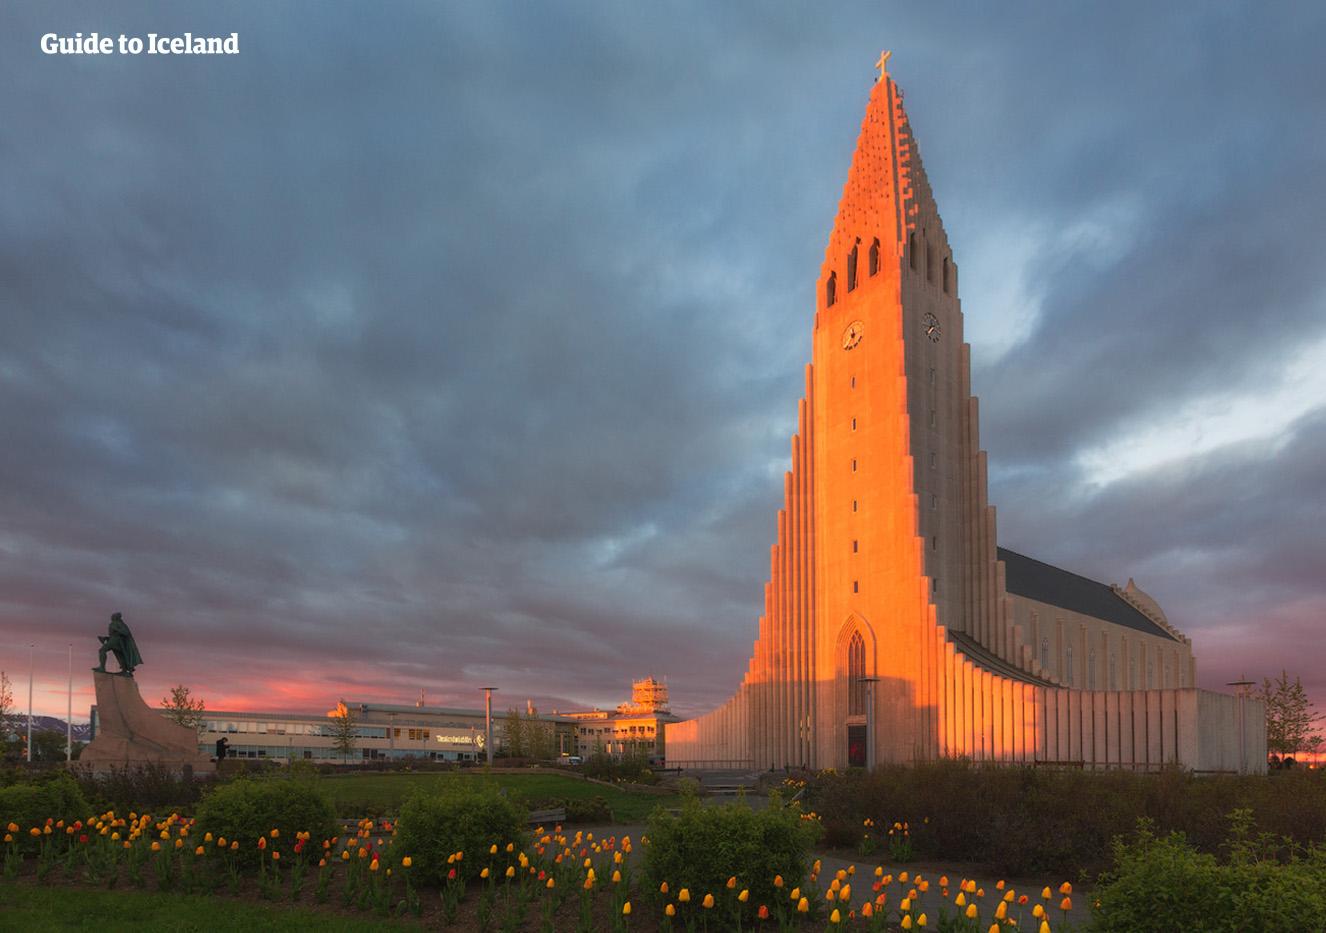 10-dniowe wakacje na Islandii z lotami z Reykjaviku do Akureyri, pełne wodospadów i gorących źródeł - day 10